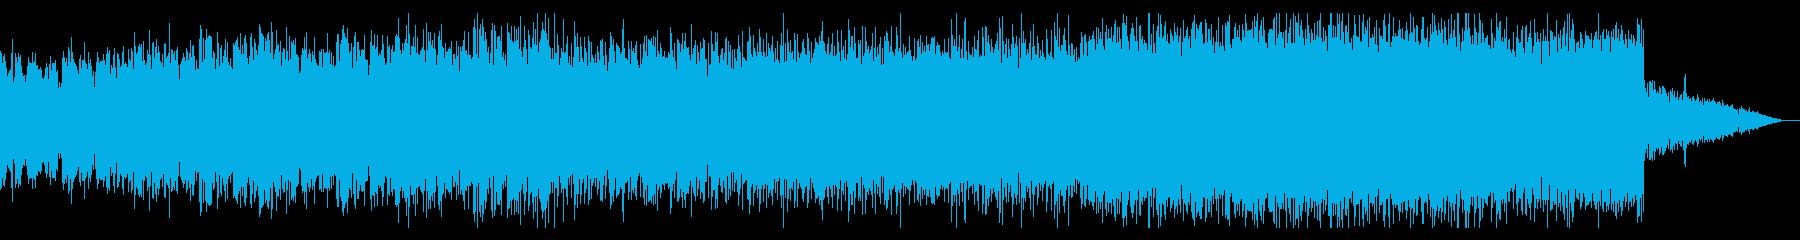 ダークで徐々に盛り上がるハウス・ミュージの再生済みの波形